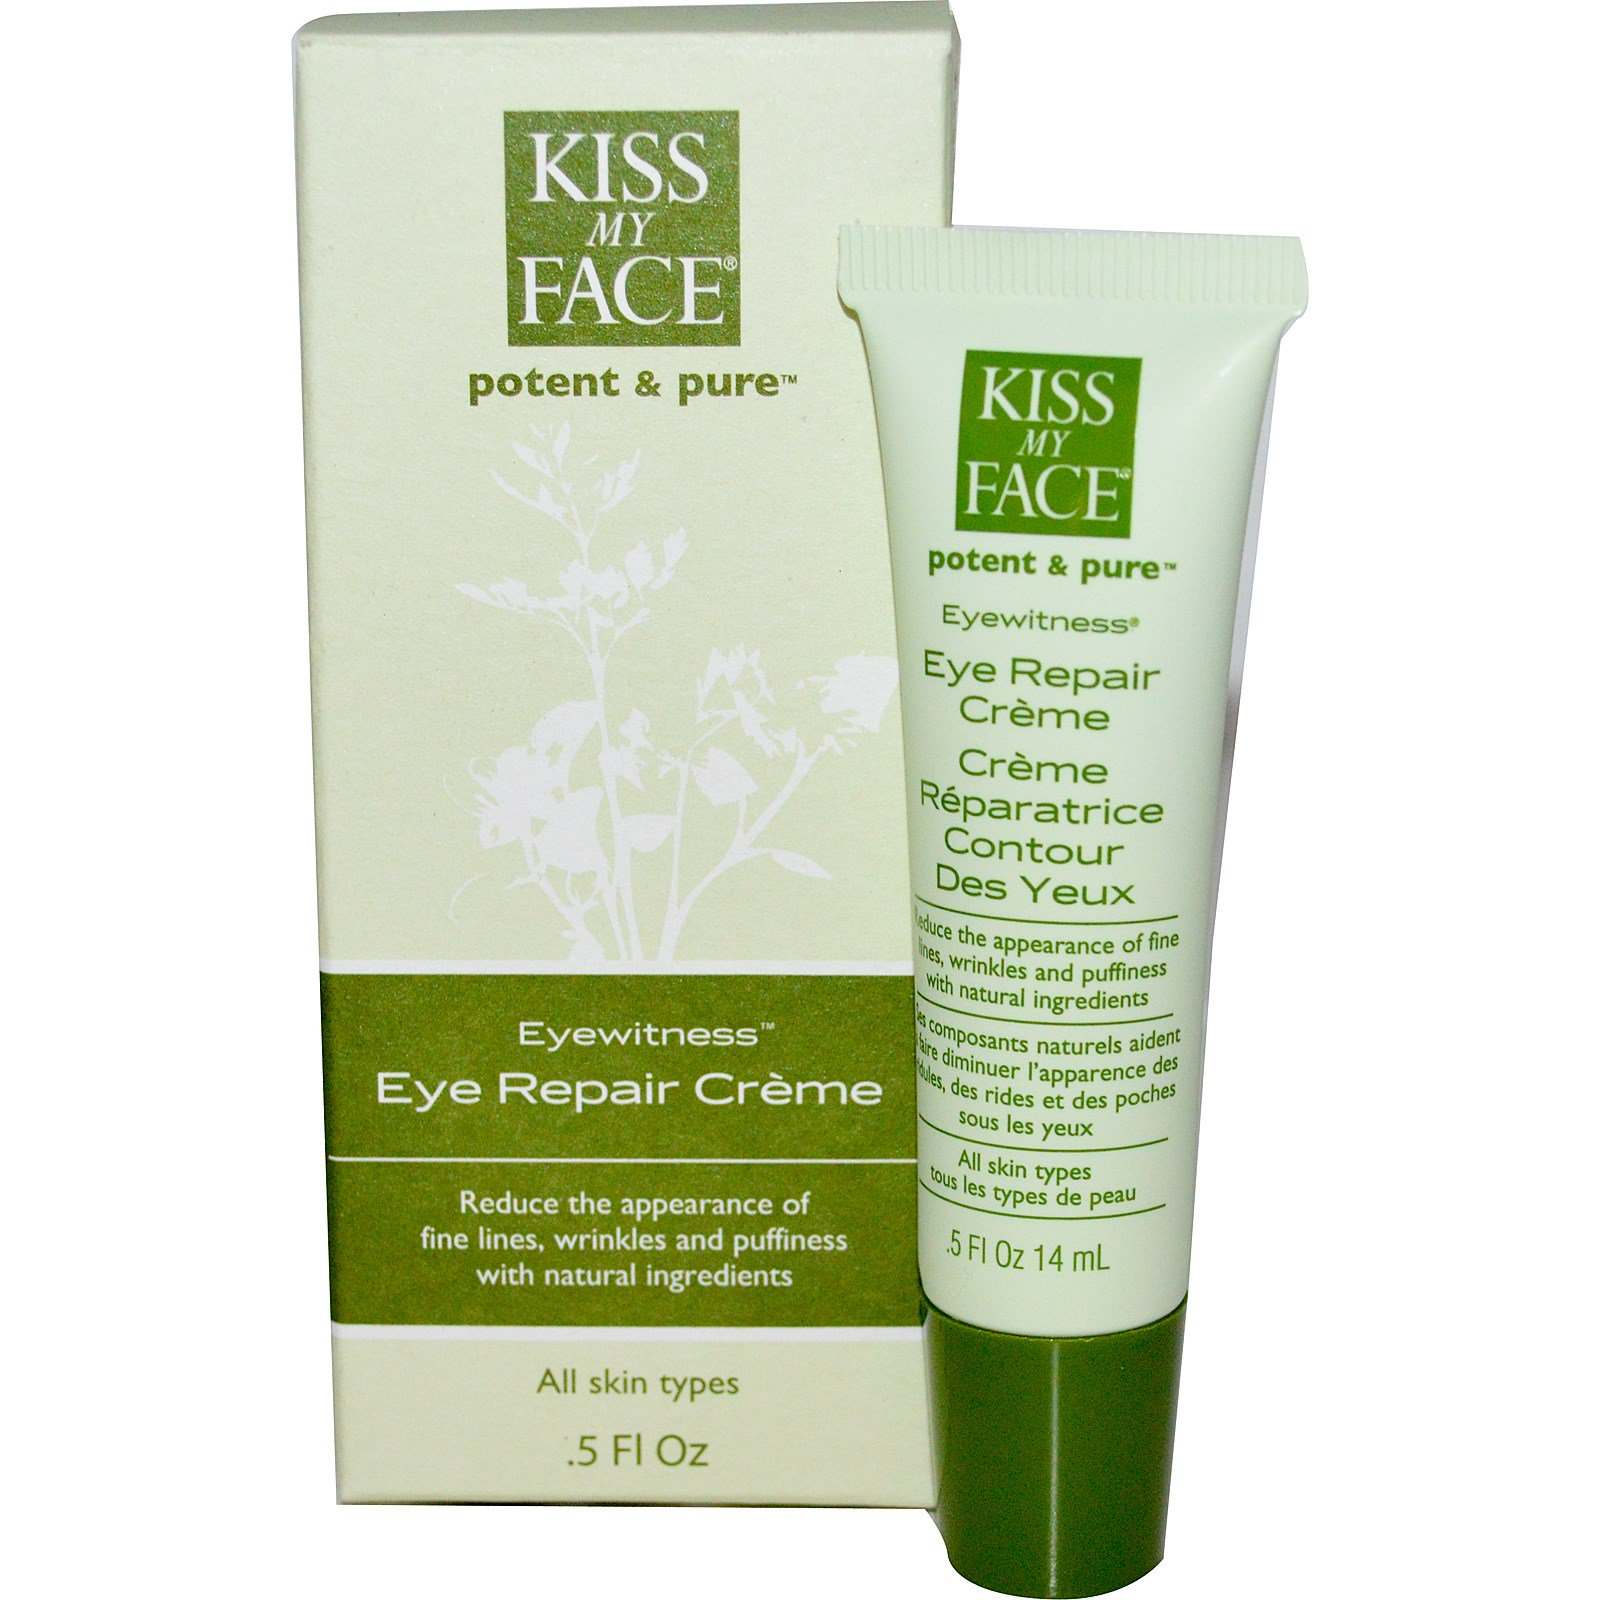 Kiss My Face, Восстанавливающий крем для кожи вокруг глаз, .5 жидких унций (14 мл)